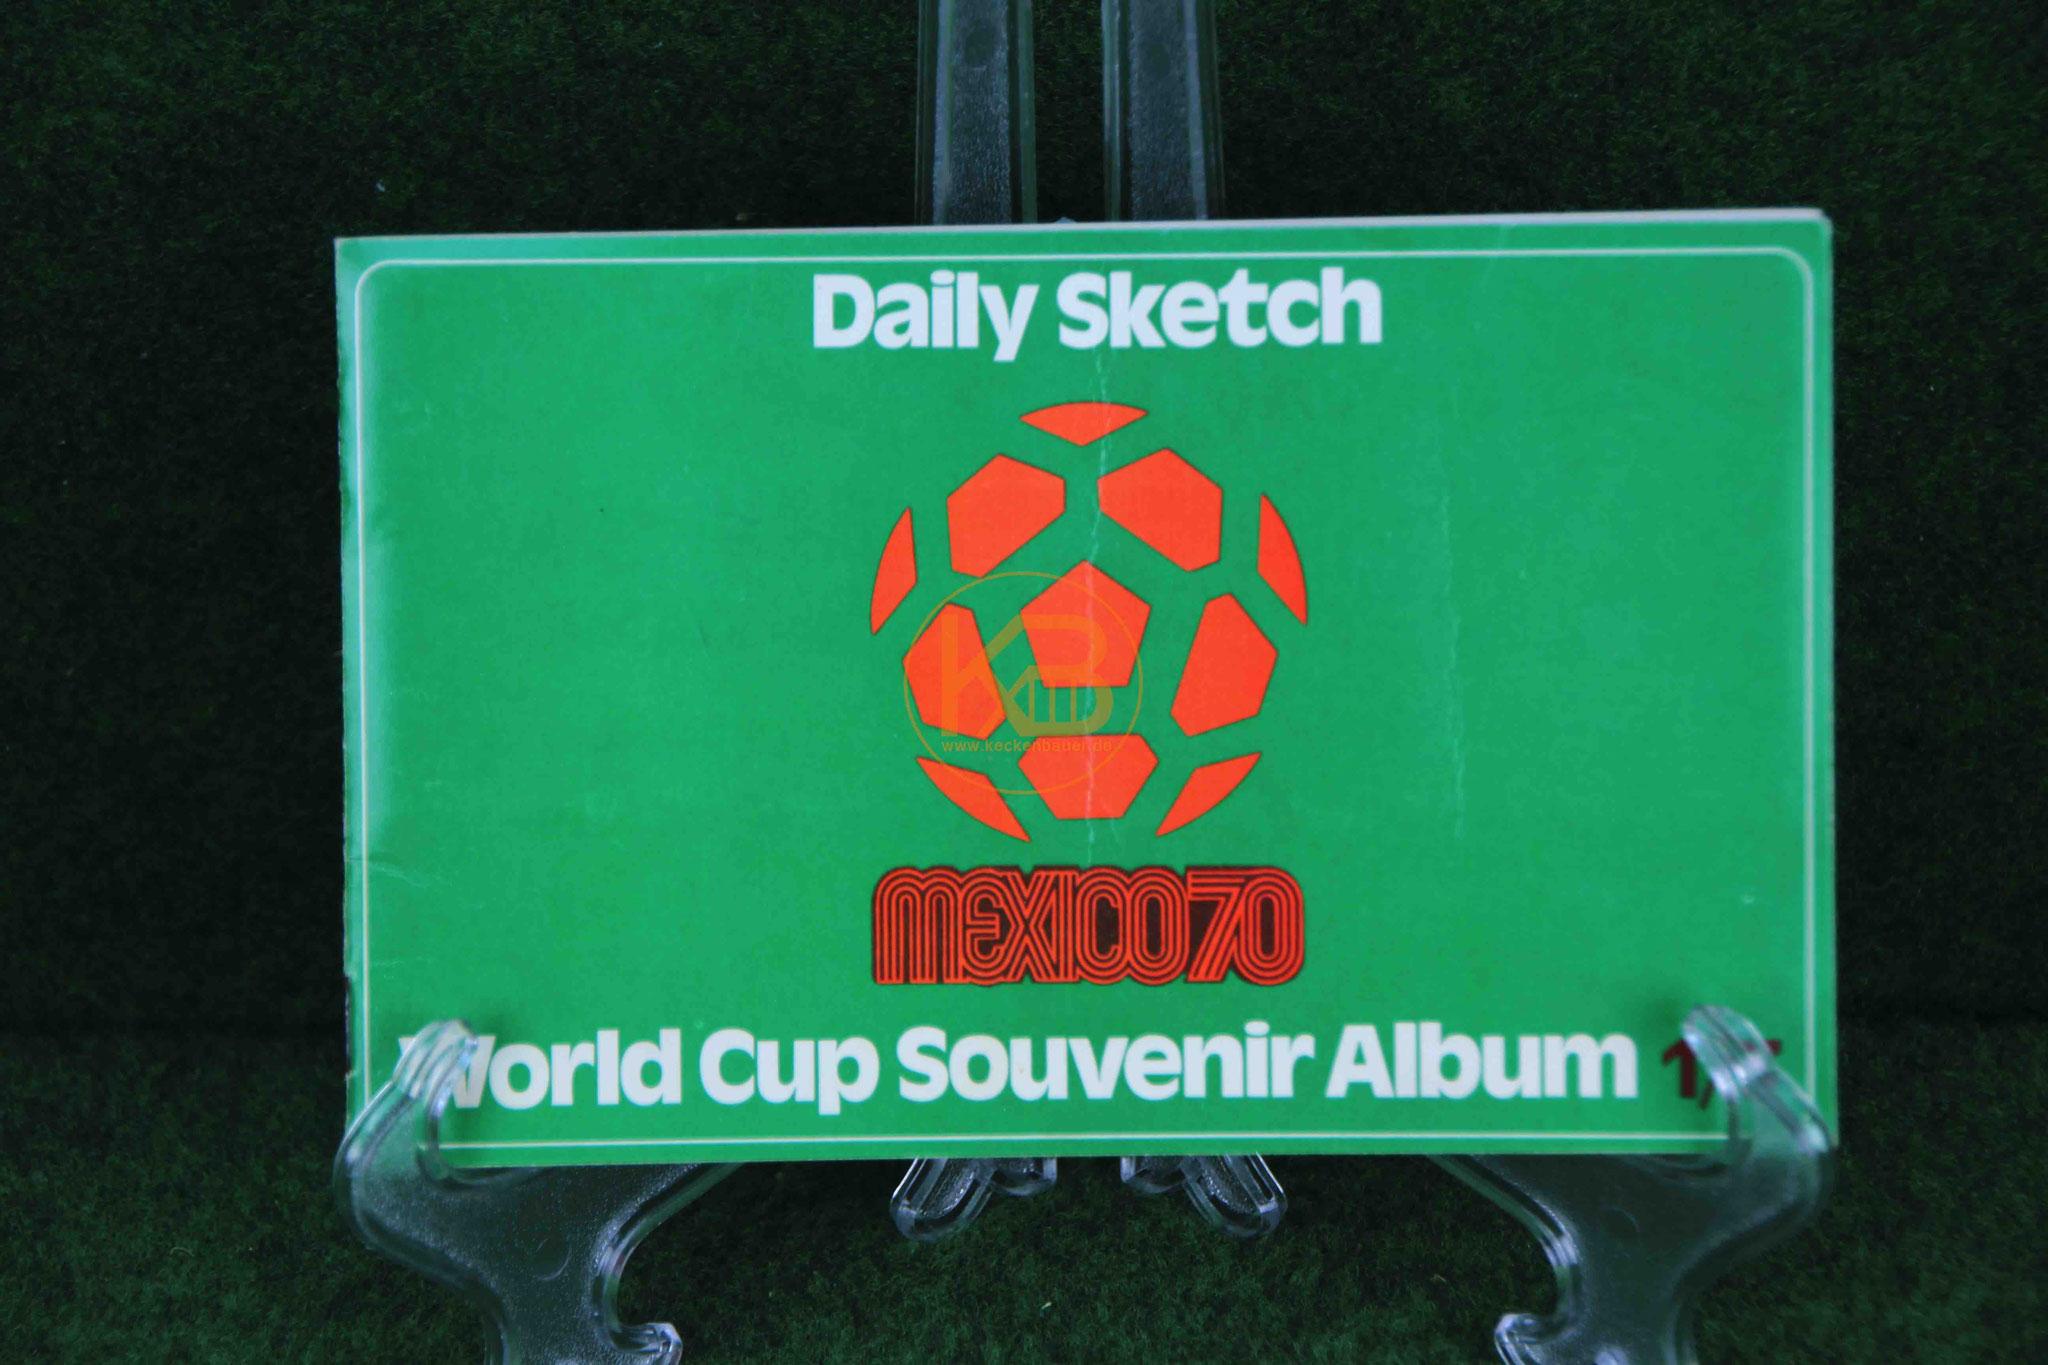 Sammelalbum World Cup Souvenir von Daily Sketch anläßlich der WM 1970 in Mexico